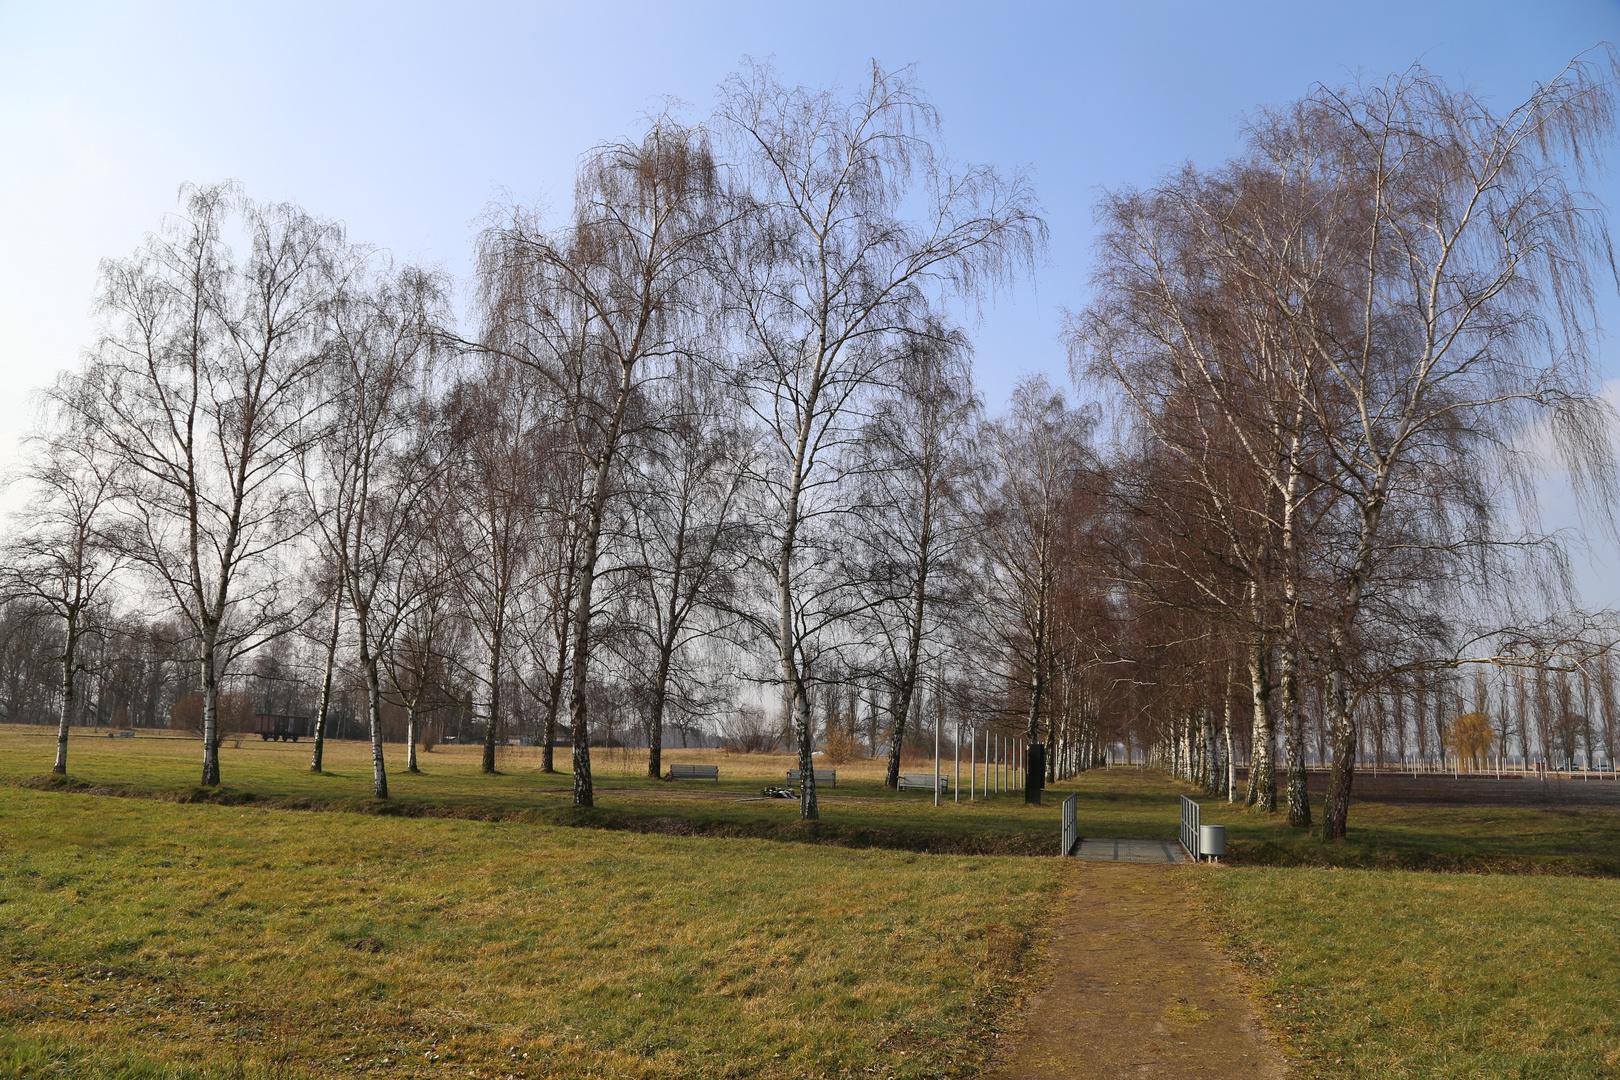 Trees at KZ Gedenkstätte Neuengamme